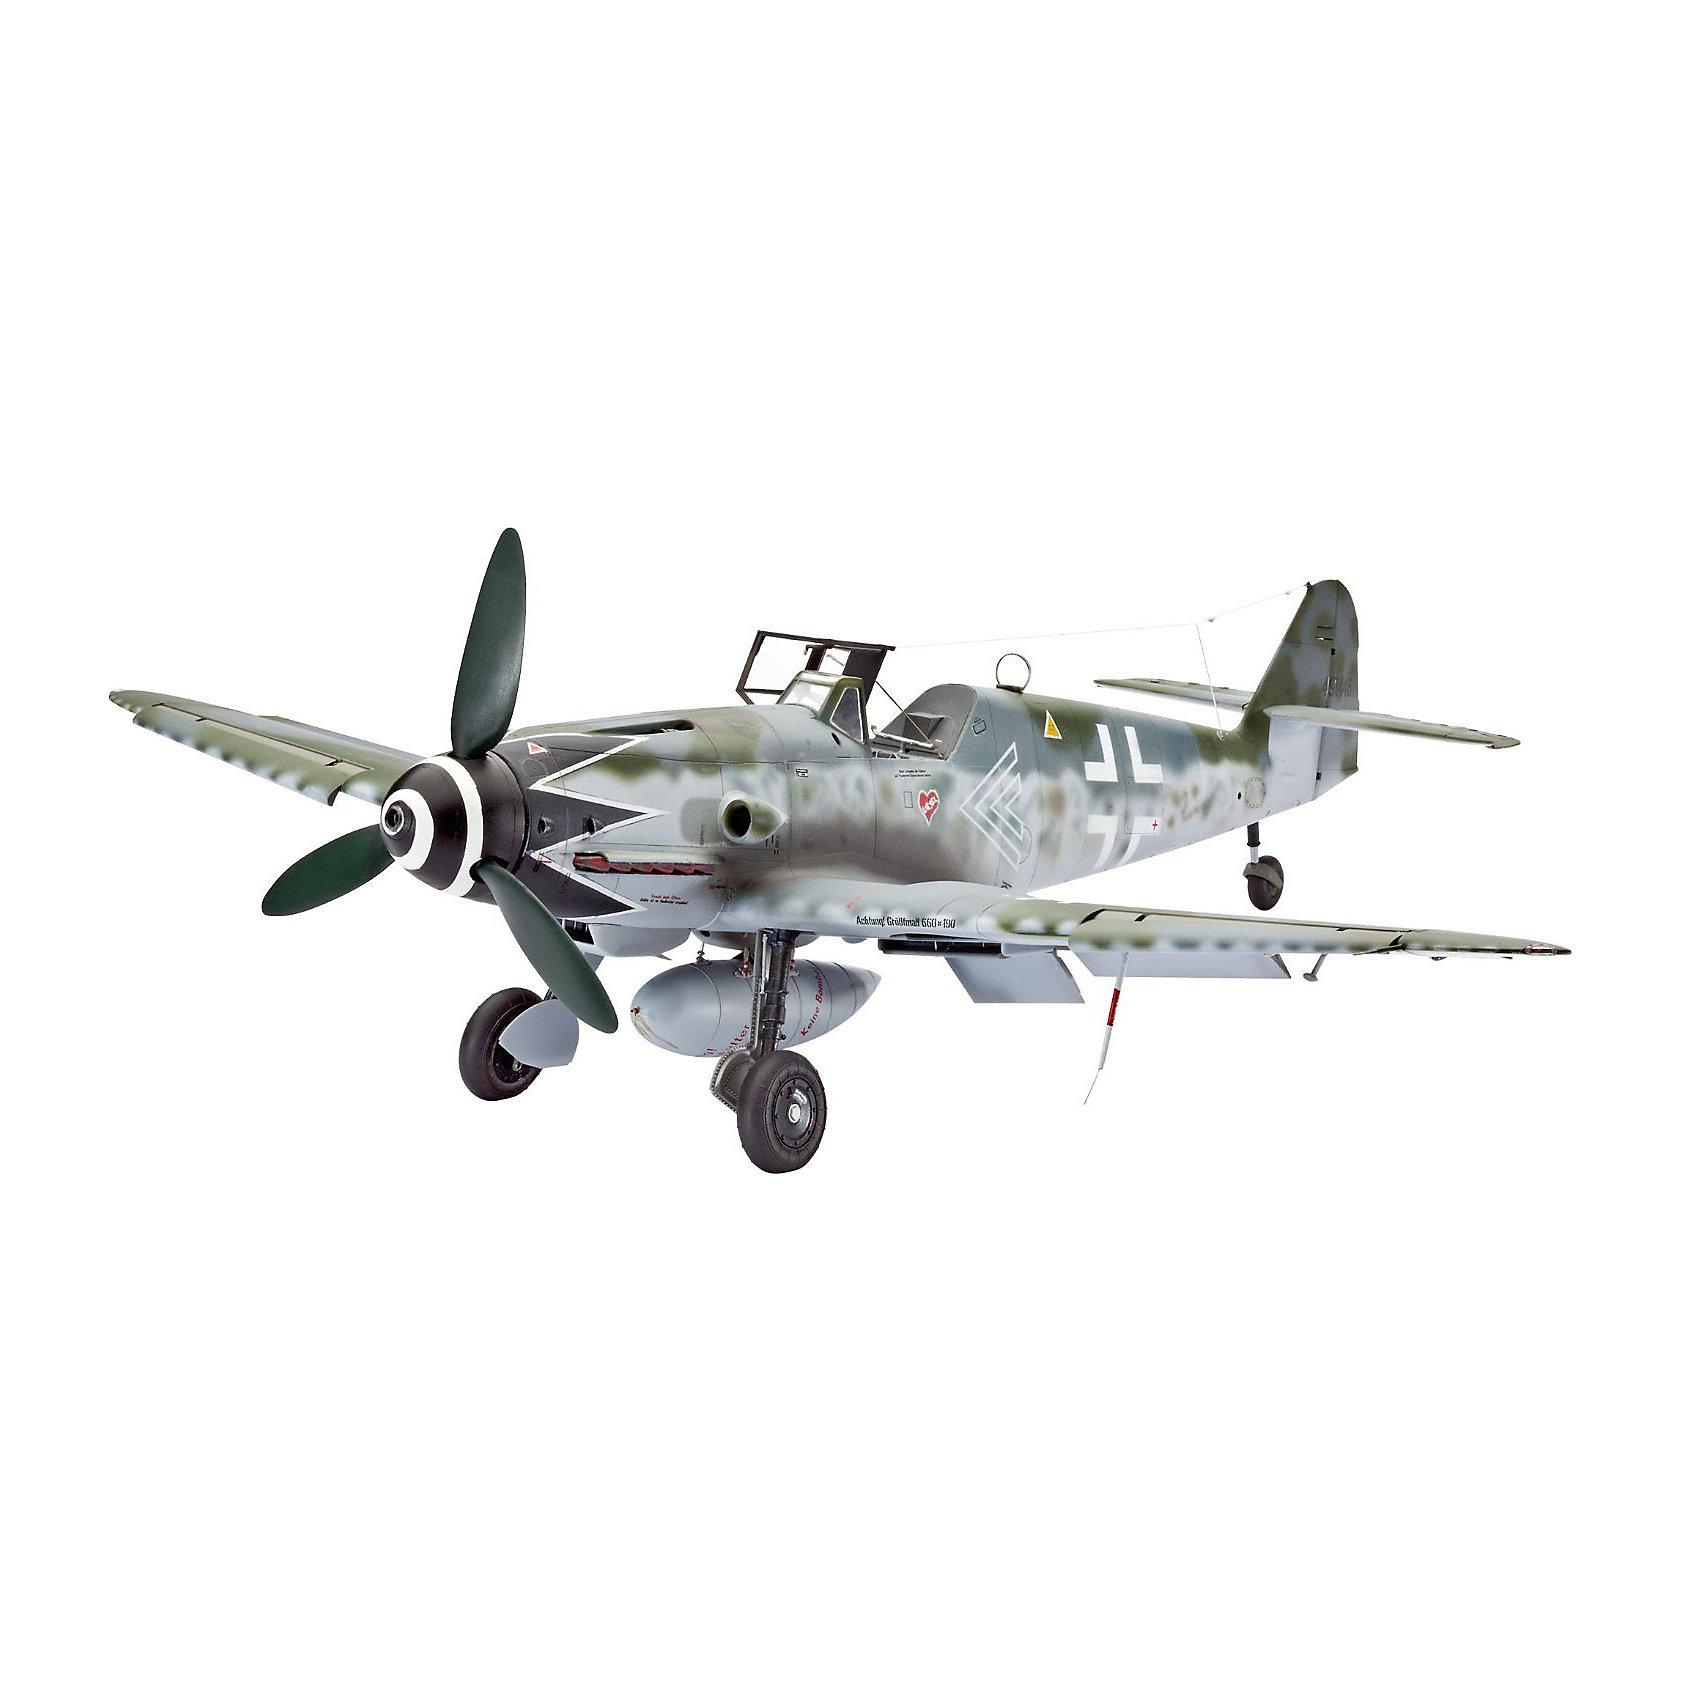 """Истребитель Messerschmitt Bf109 G-10 ErlaМодели для склеивания<br>Messerschmitt Bf.109 – самый известный и самый массовый немецкий истребитель Второй Мировой. За годы войны промышленность Германии произвела 33 984 самолетов данной модели. По показателю массовости """"Мессер"""" проигрывает только советскому штурмовику Ил-2. Впервые Bf.109 был использован пилотами легиона """"Кондор"""" во время гражданской войны в Испании <br><br>В ходе Второй мировой """"Мессер"""" широко применялся на всех театрах военных действий. В том числе и на Восточном фронте. Советские пилоты с уважением относились к этой машине и признавали в ней самого опасного воздушного противника. Стоит отметить, что самый результативный летчик Второй мировой немецкий ас Эрих Хартманн пилотировал именно Messerschmitt Bf.109. G-10 стала самой массовой модификацией """"Мессера"""". Изменения в модели коснулись двигателя и вооружения. Так пулеметы калибра 7,62 были заменены на 13-мм, а мощность двигателя увеличилась на 175 лошадиных сил <br><br>Масштаб: 1:32 <br>Количество деталей: 147 <br>Длина: 284 мм <br>Размах крыльев: 310 мм<br><br>Ширина мм: 9999<br>Глубина мм: 9999<br>Высота мм: 9999<br>Вес г: 9999<br>Возраст от месяцев: 156<br>Возраст до месяцев: 2147483647<br>Пол: Мужской<br>Возраст: Детский<br>SKU: 7122332"""